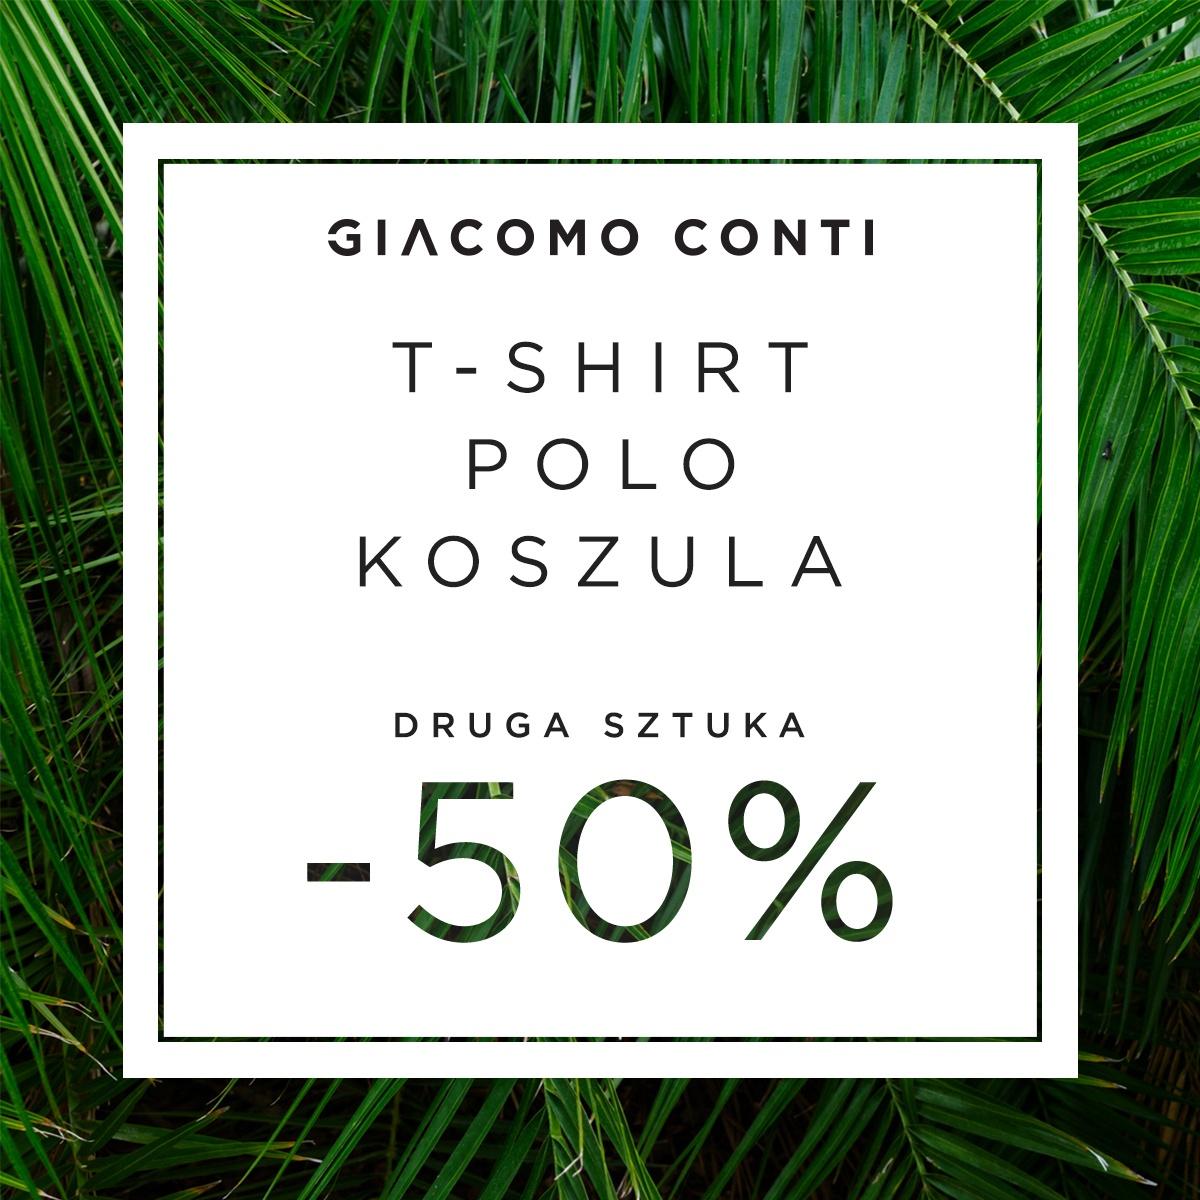 - 50% NA DRUGI PRODUKT W GIACOMO CONTI